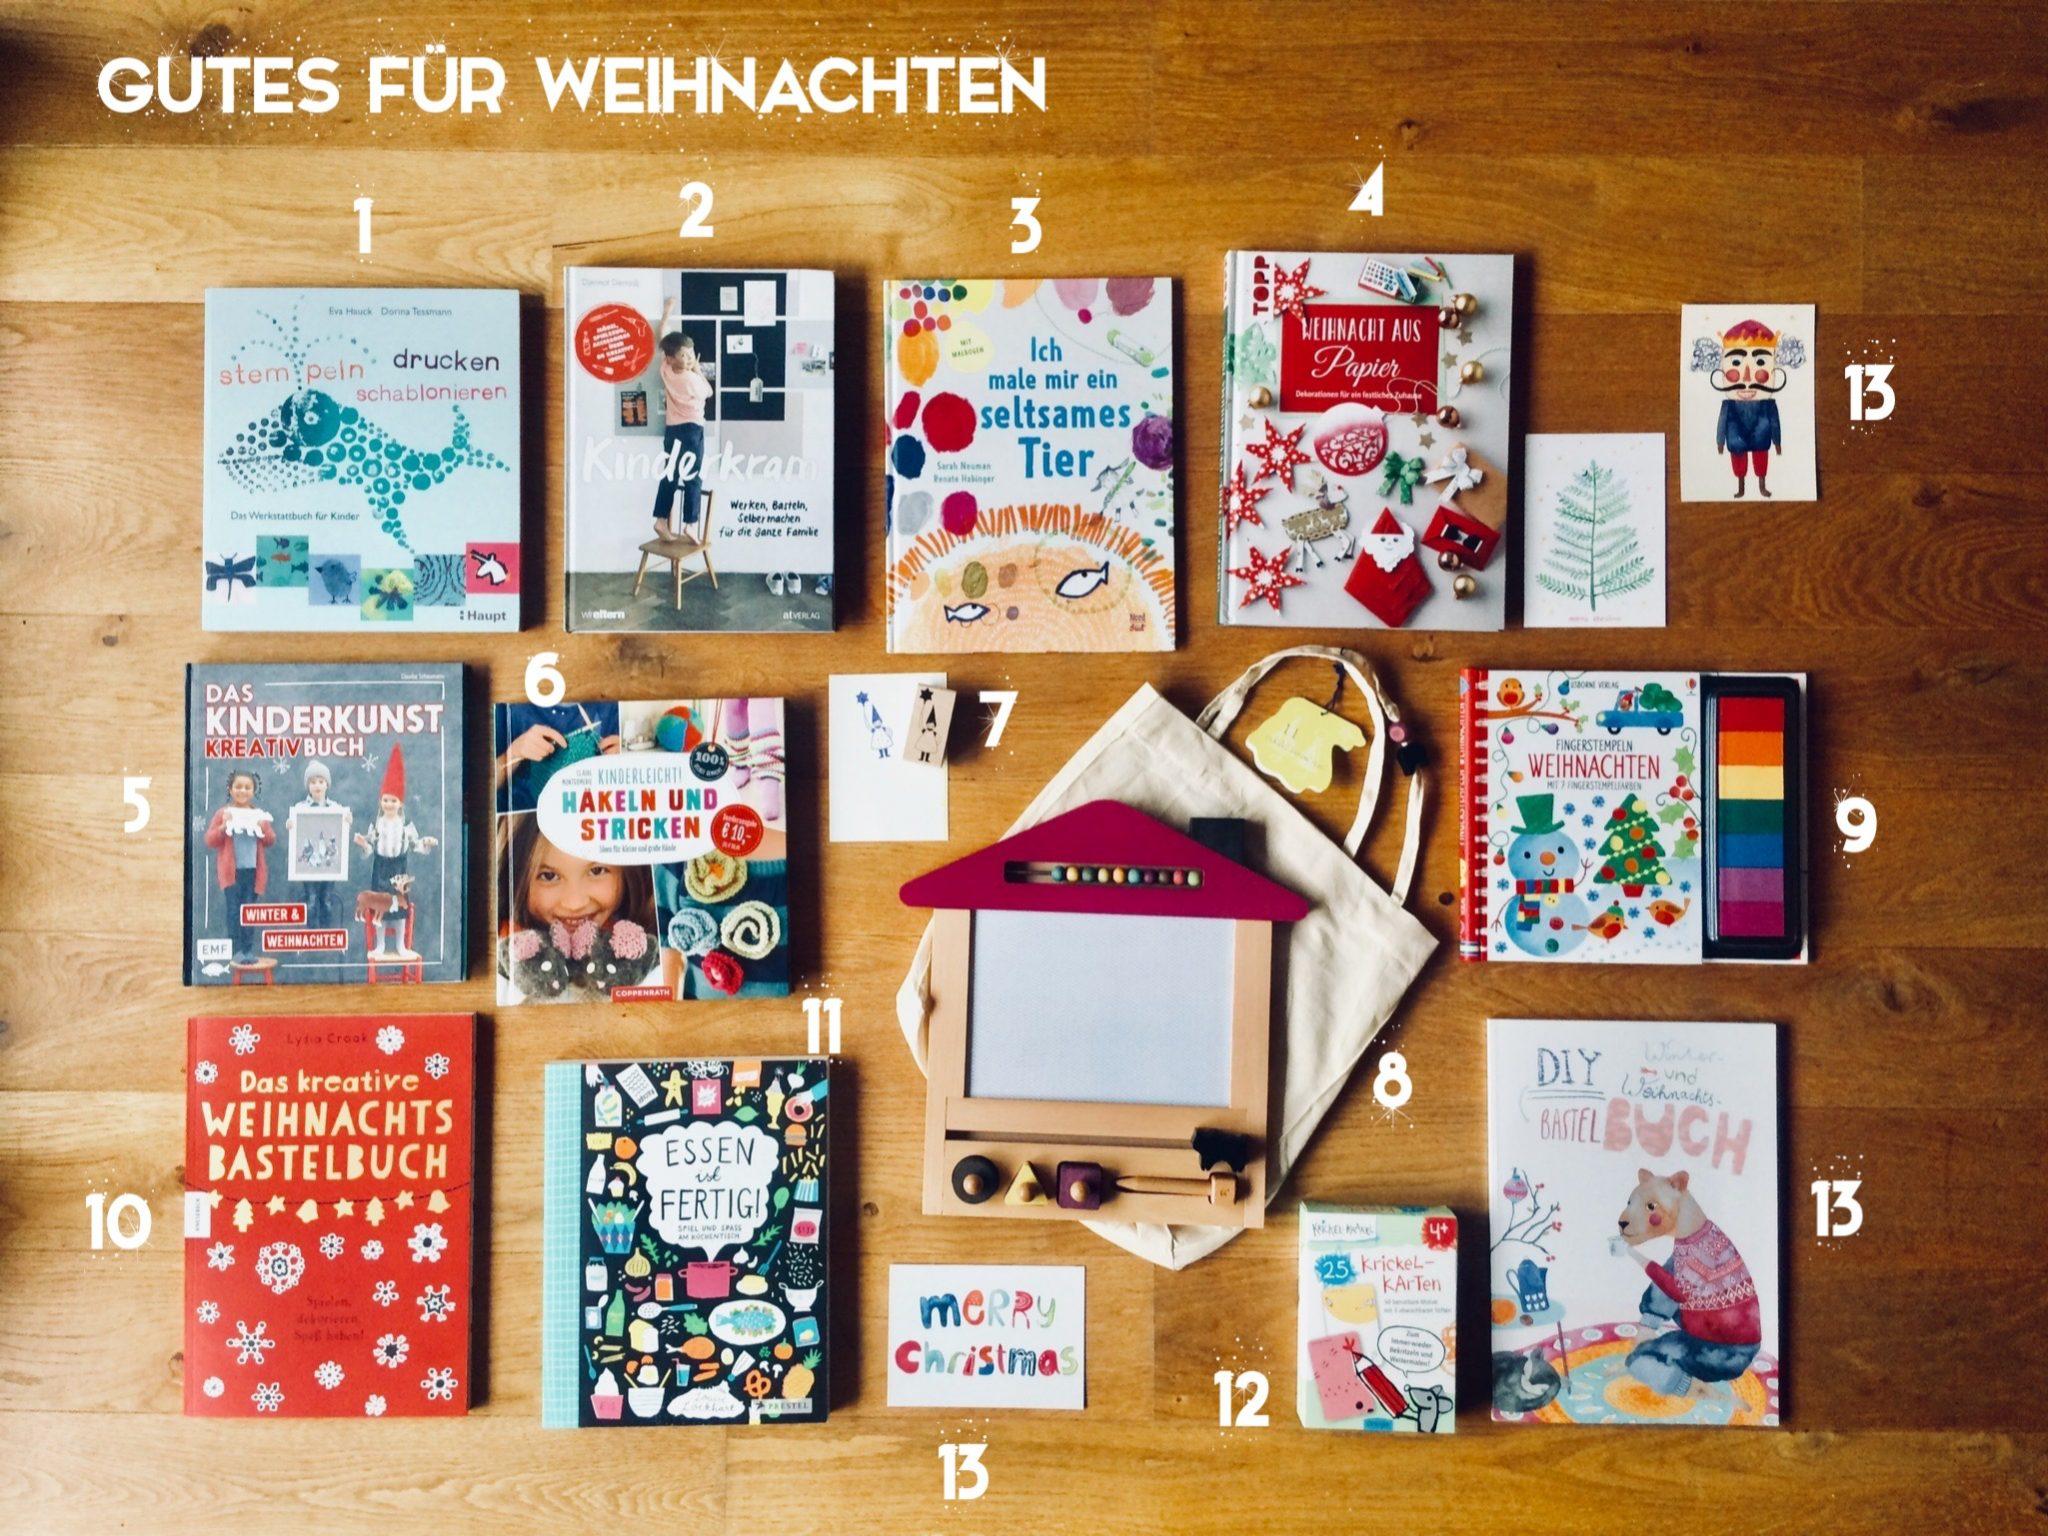 Gutes Fur Weihnachten Malen Basteln Selbermachen Biorama